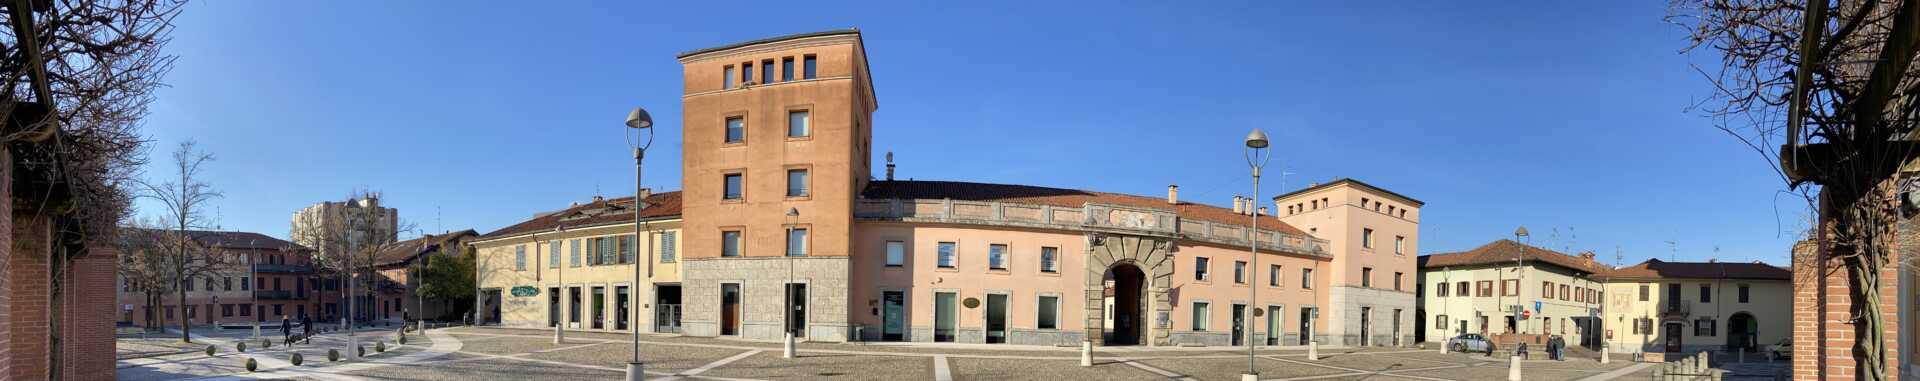 Valutazioni-immobiliari-a-Cavenago-di-Brianza-agenzia-immobiliare-casa-e-style